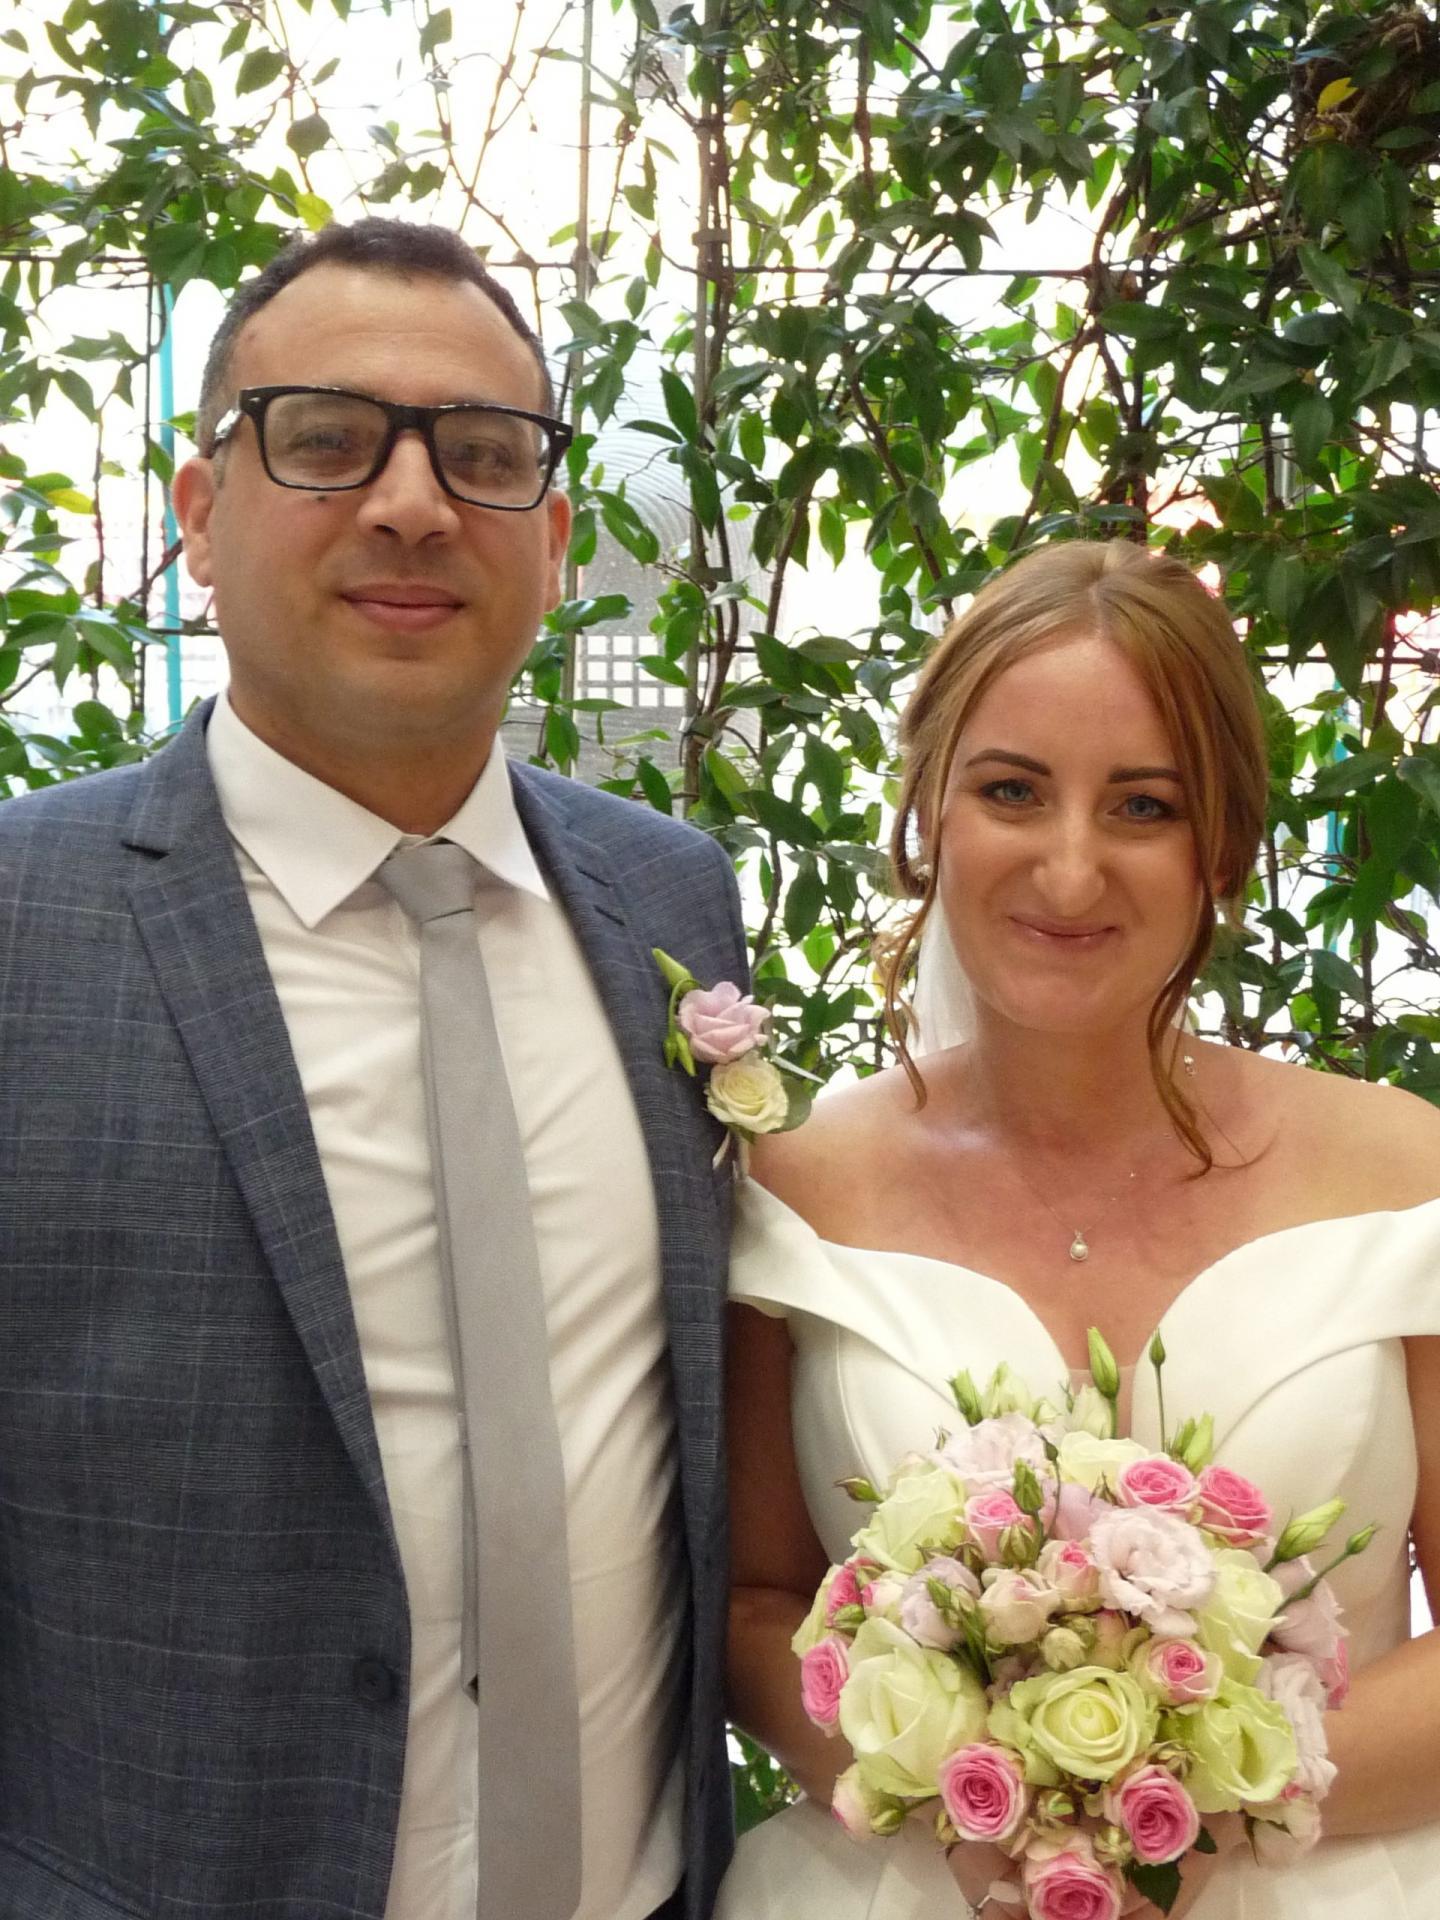 Anis Ellouze, gérant d'un restaurant et Aliona Boldesco, hôtesse de caisses.